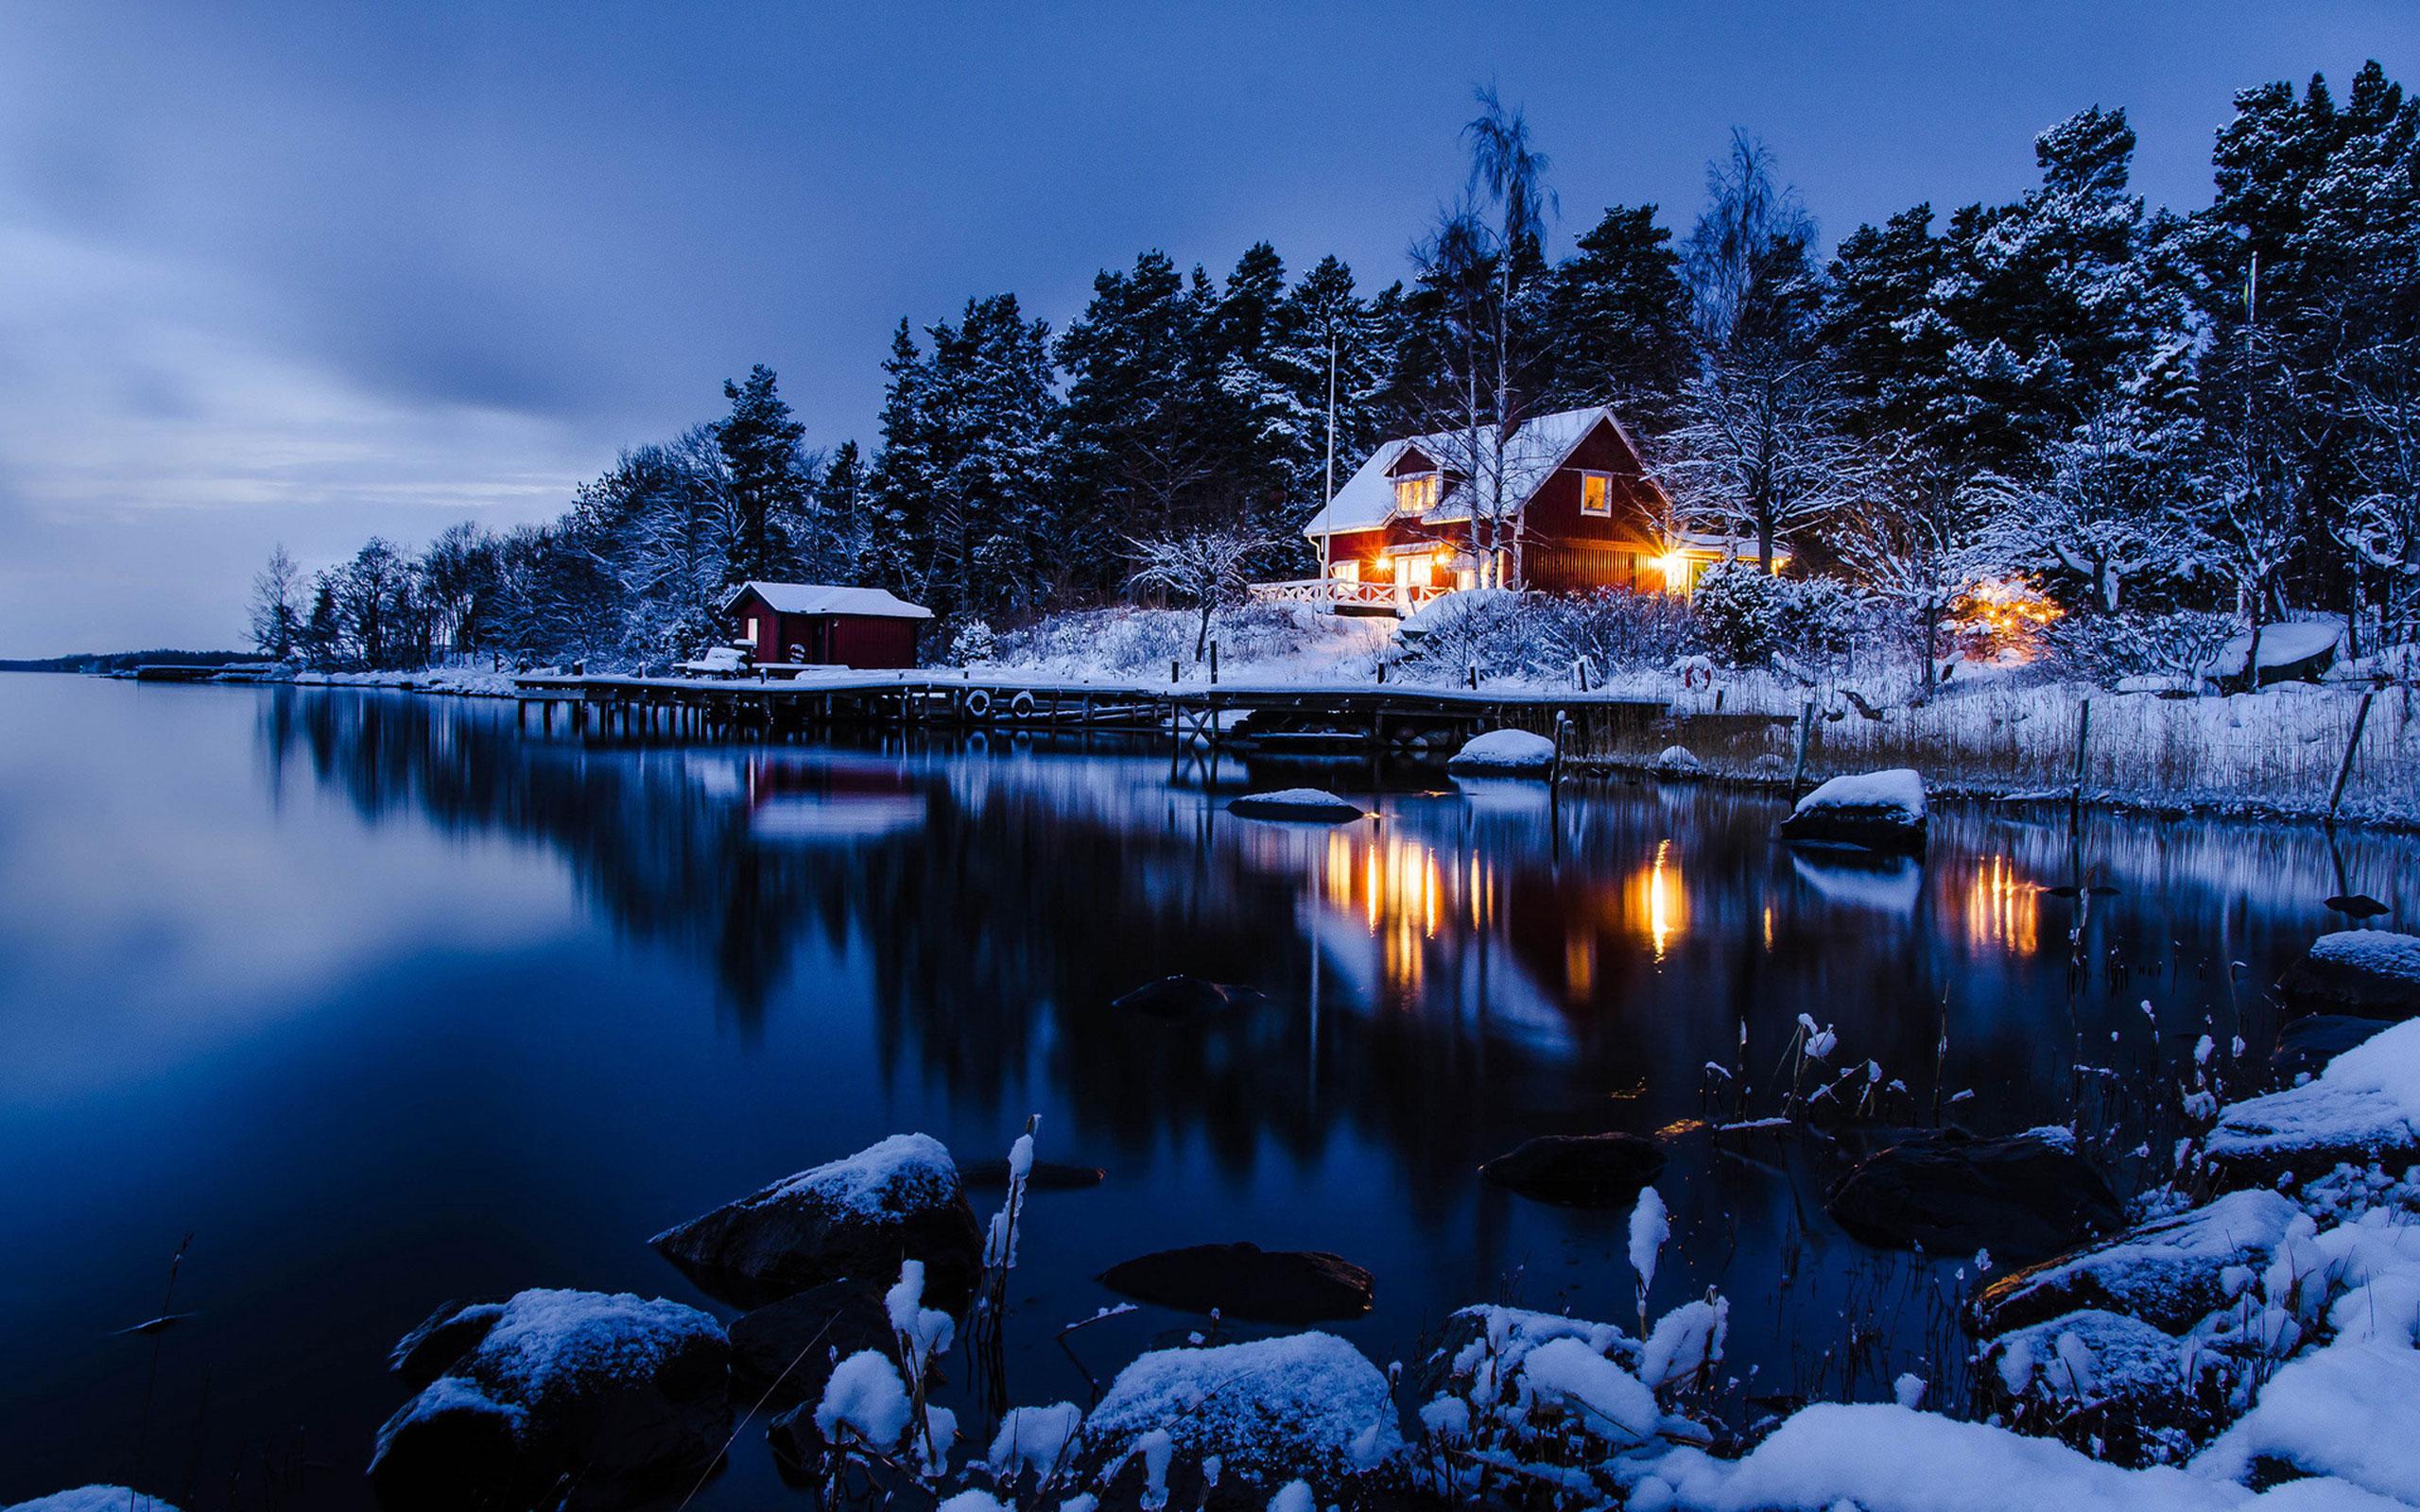 Stockholm Sweden Click image for wallpaper 2560x1600 2560x1600